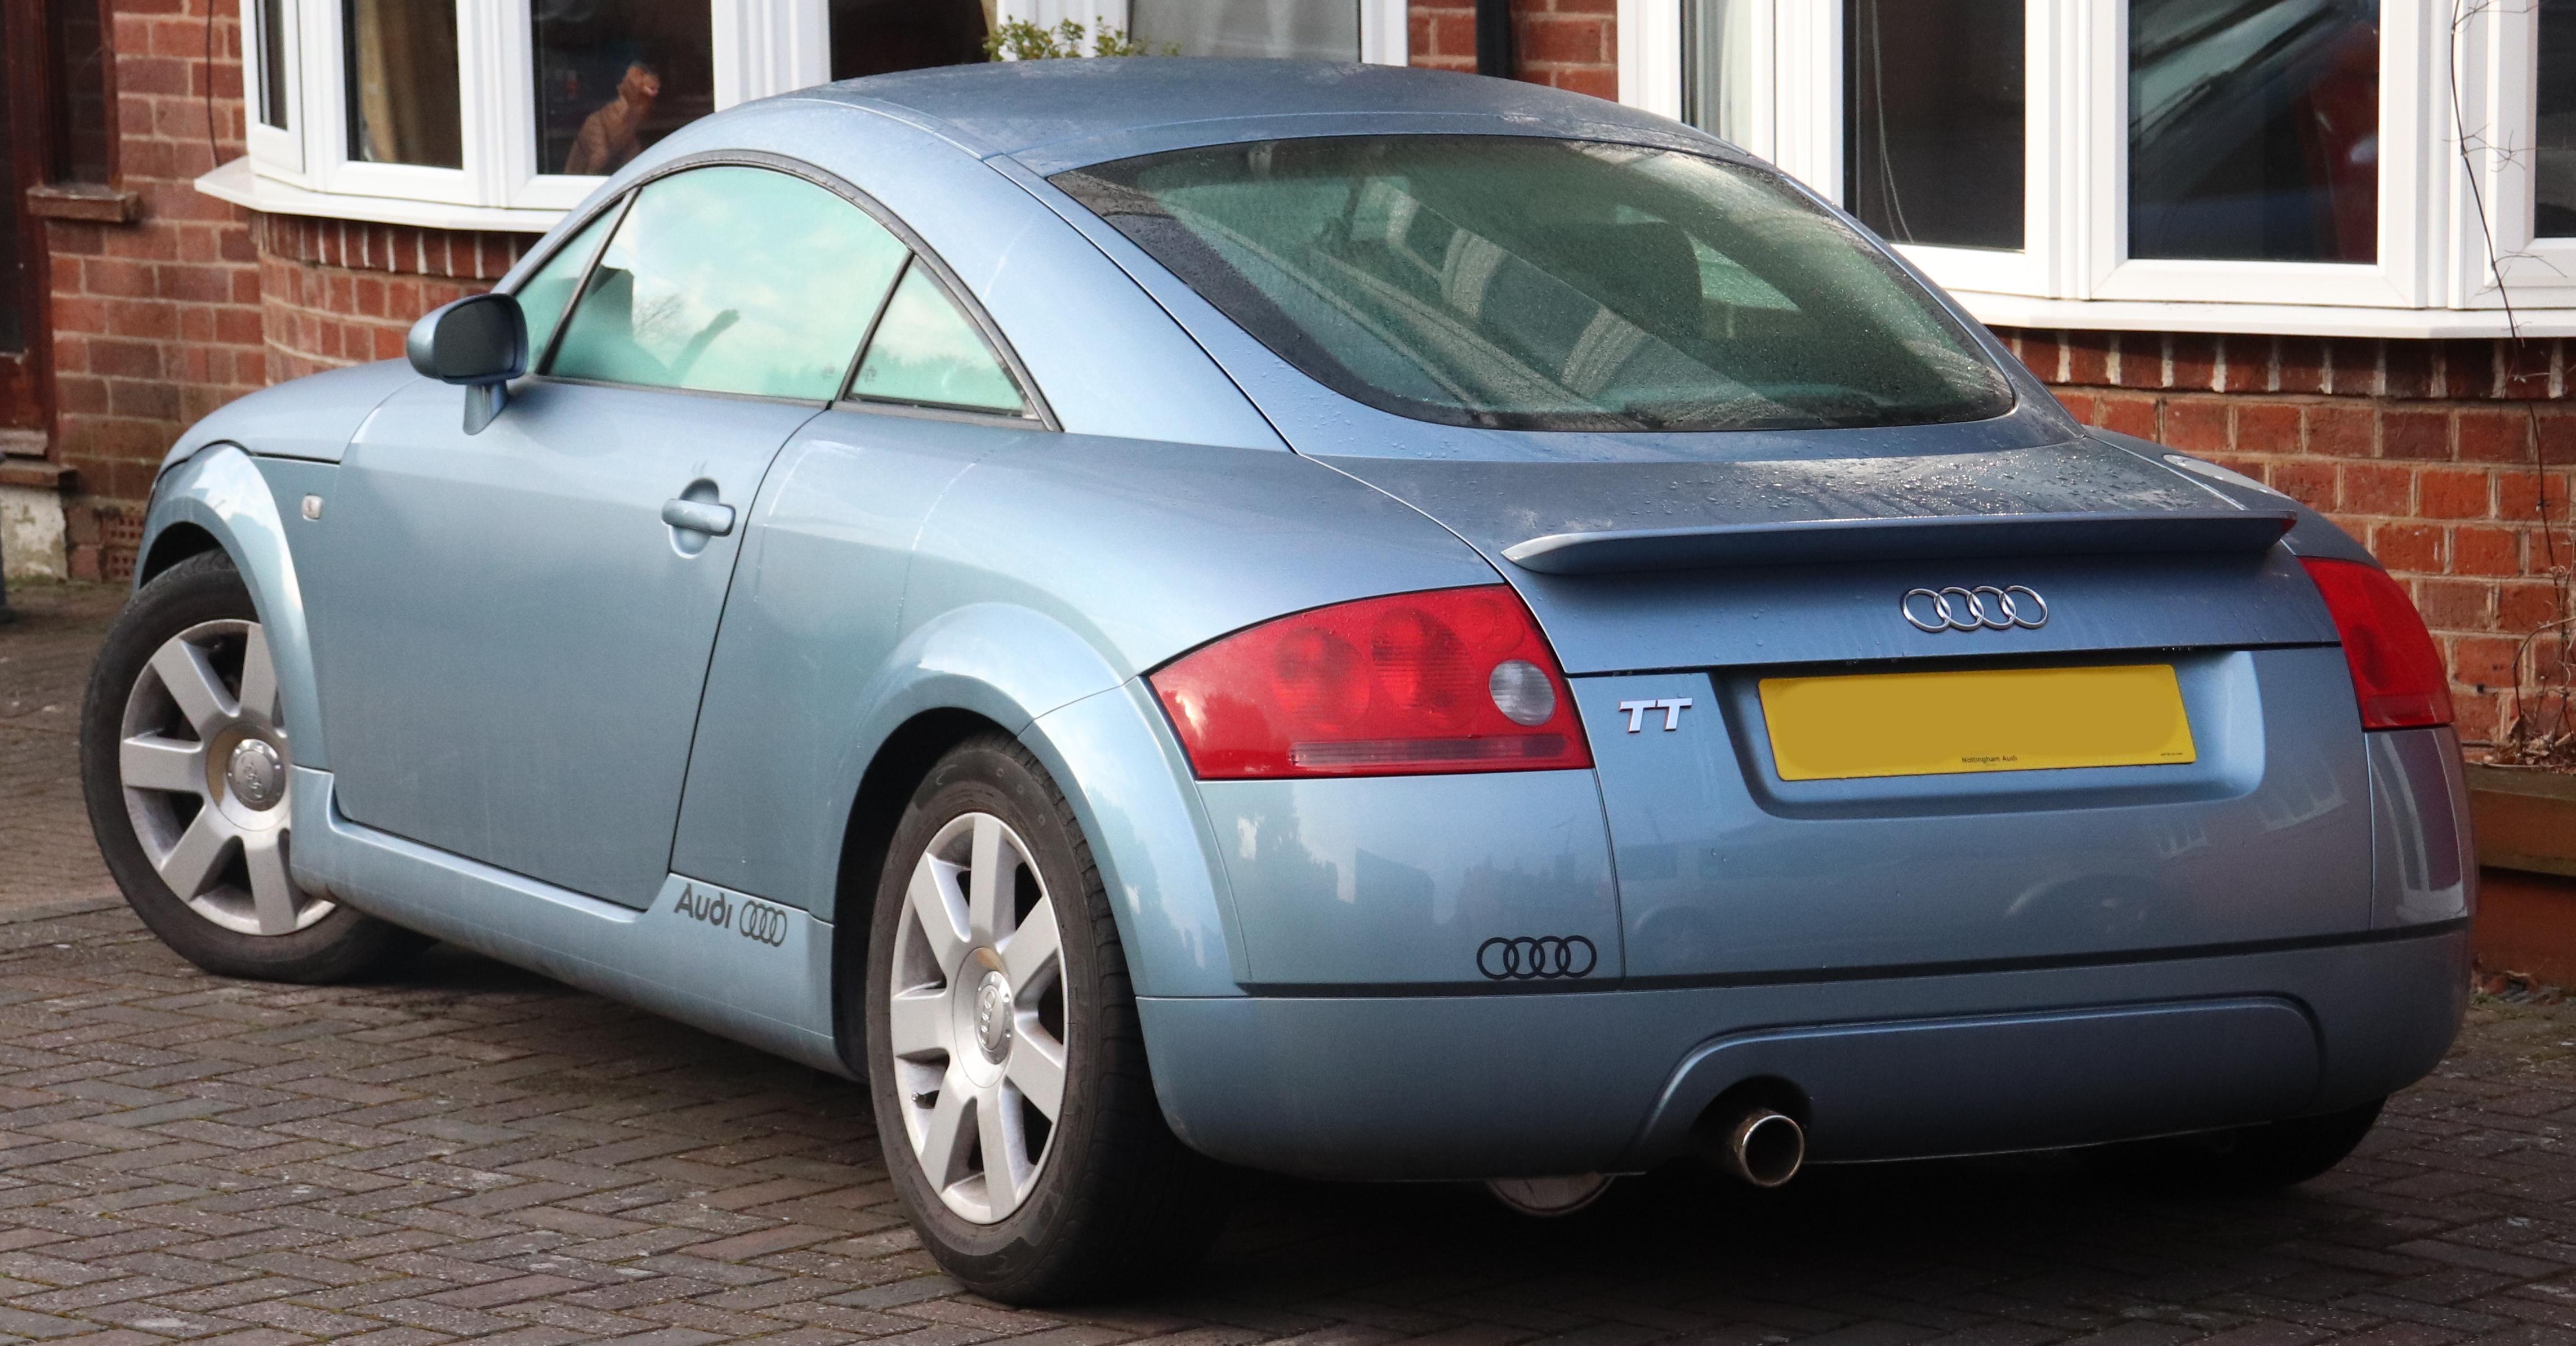 Kekurangan Audi Tt 2005 Top Model Tahun Ini